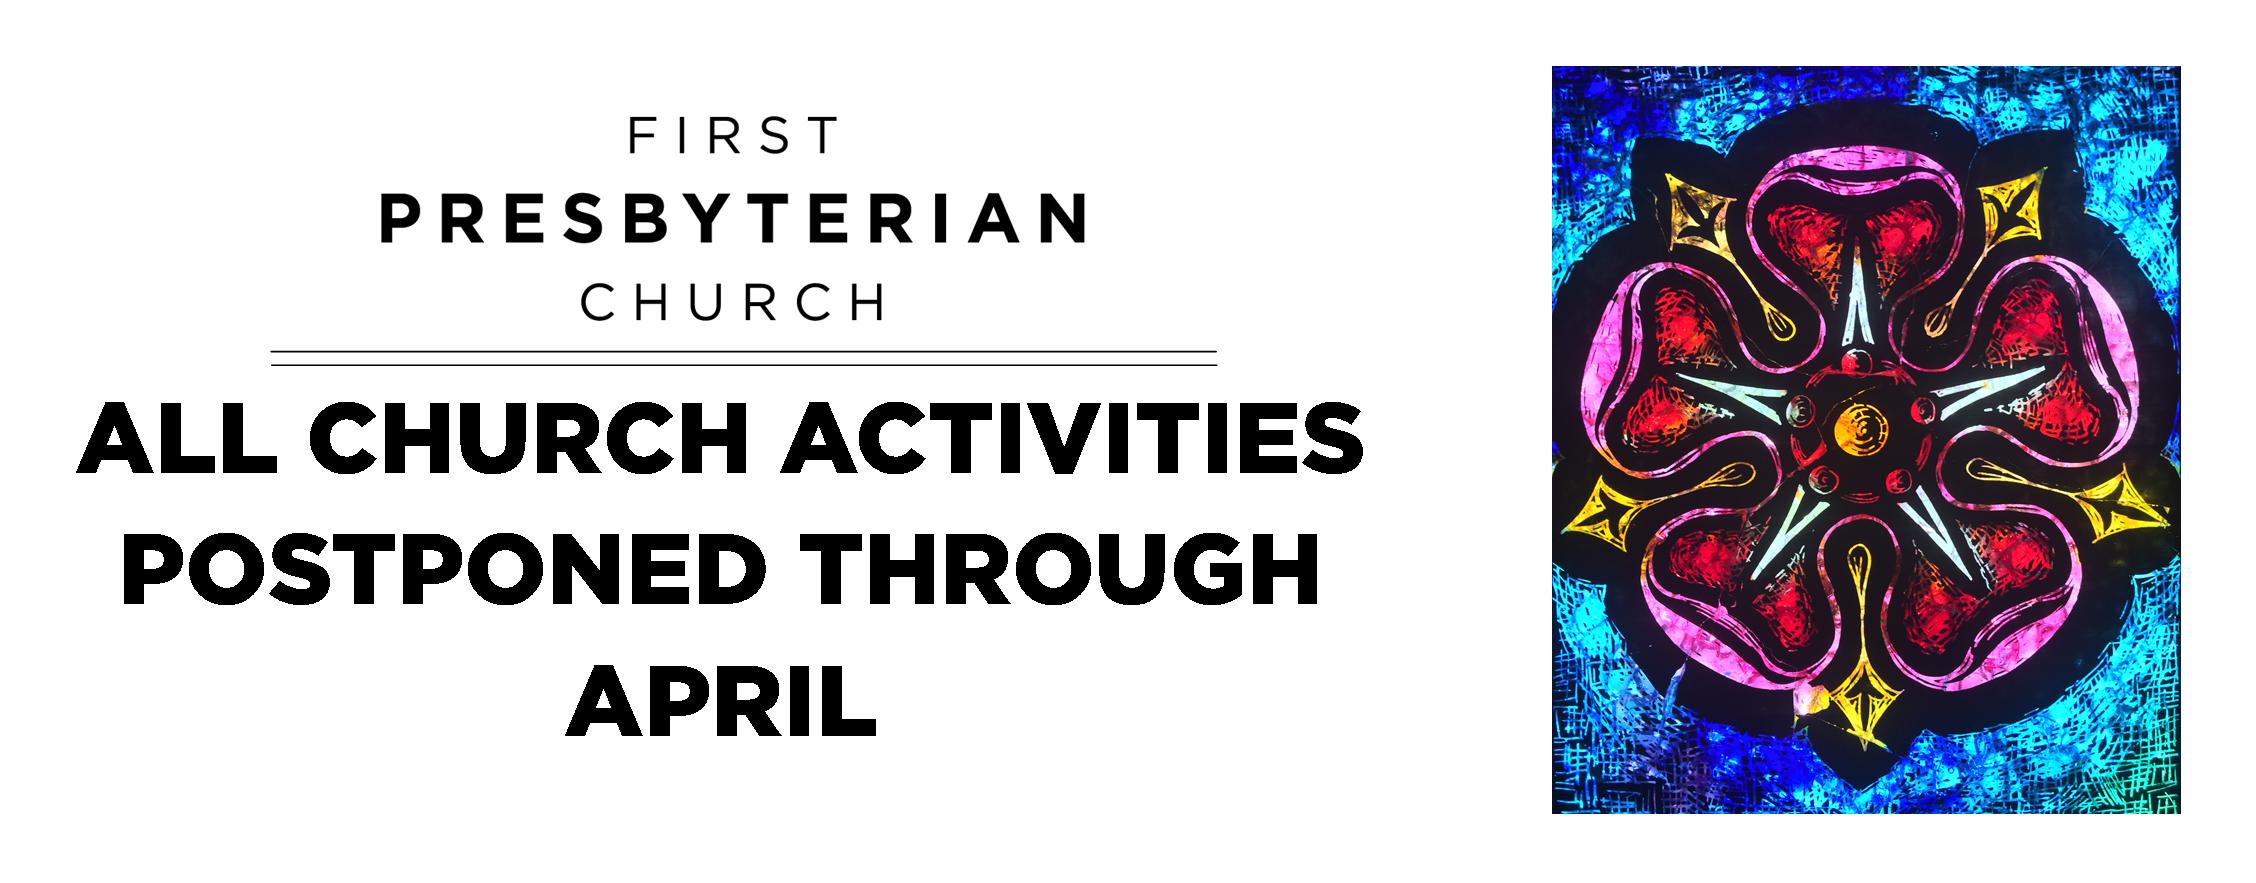 postponement-sign-april